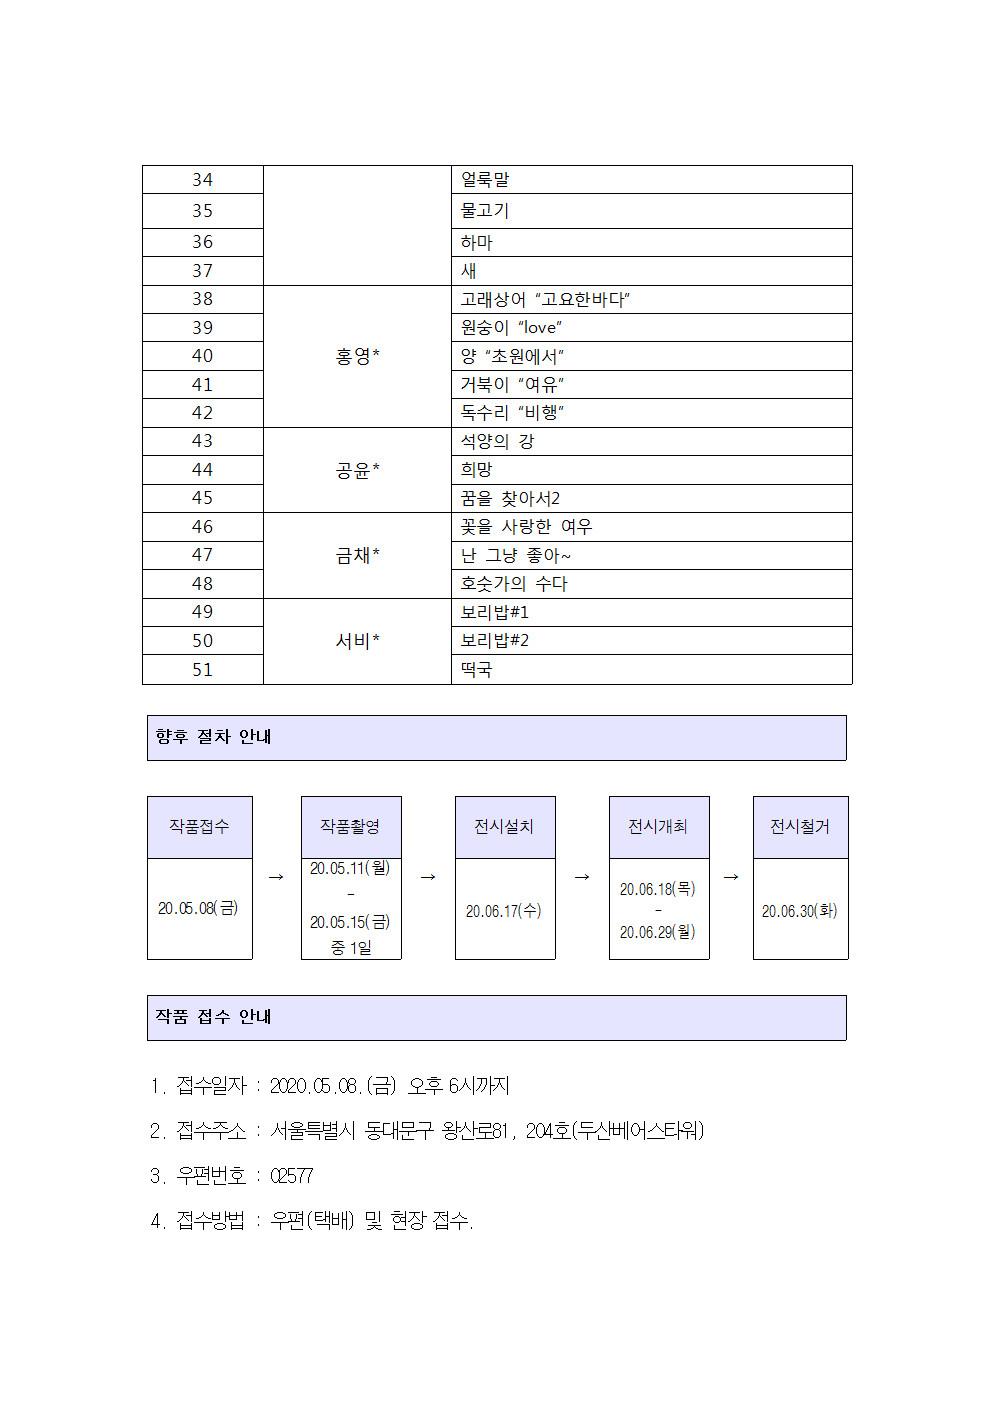 발달장애인청년작가전2020+선정결과발표 (2).jpg